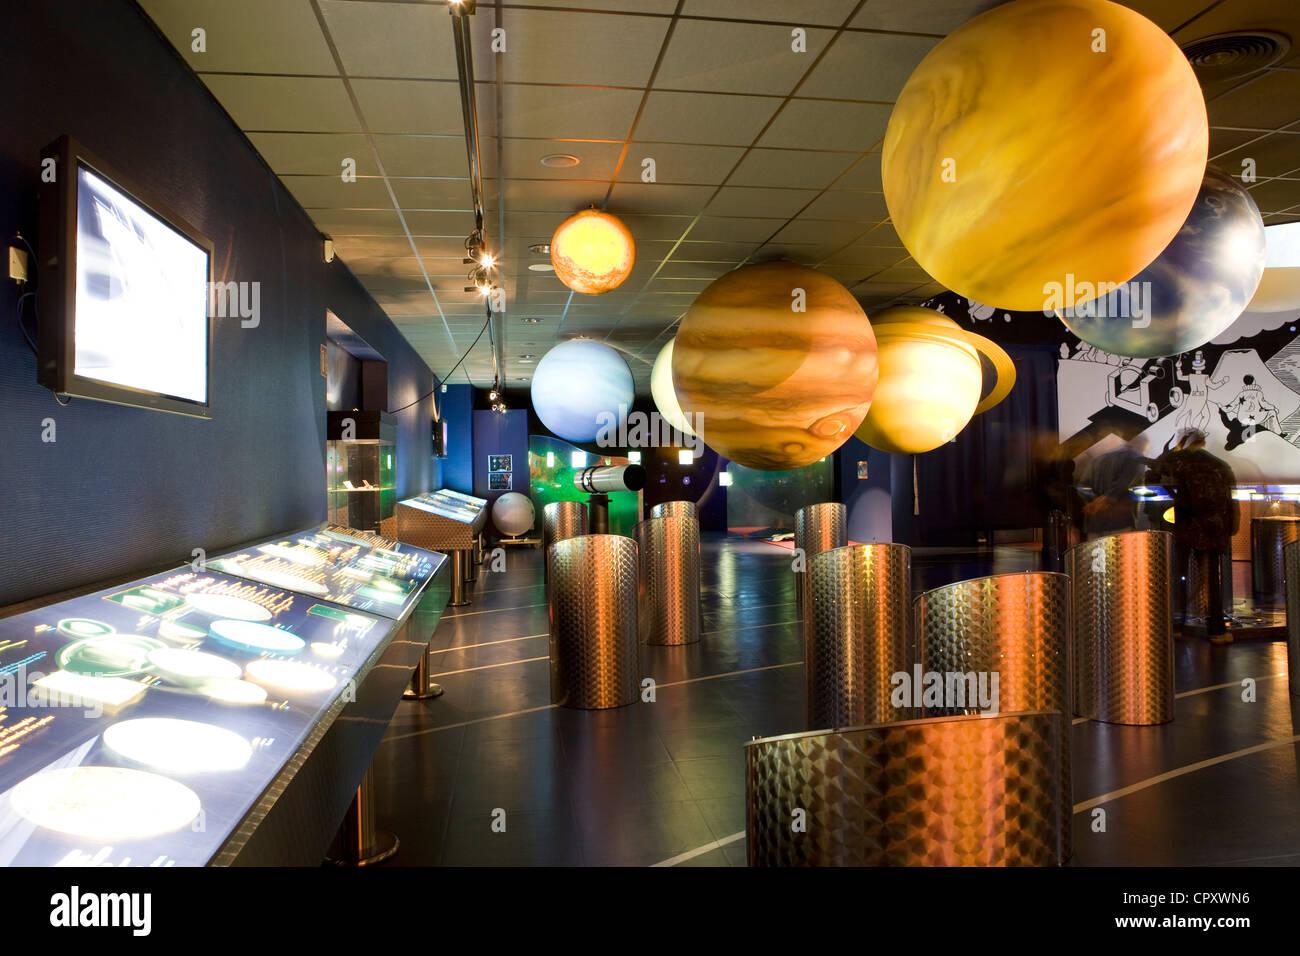 France, Manche, Cotentin, La Hague, Tonneville, Ludiver La Hague planetarium - Stock Image